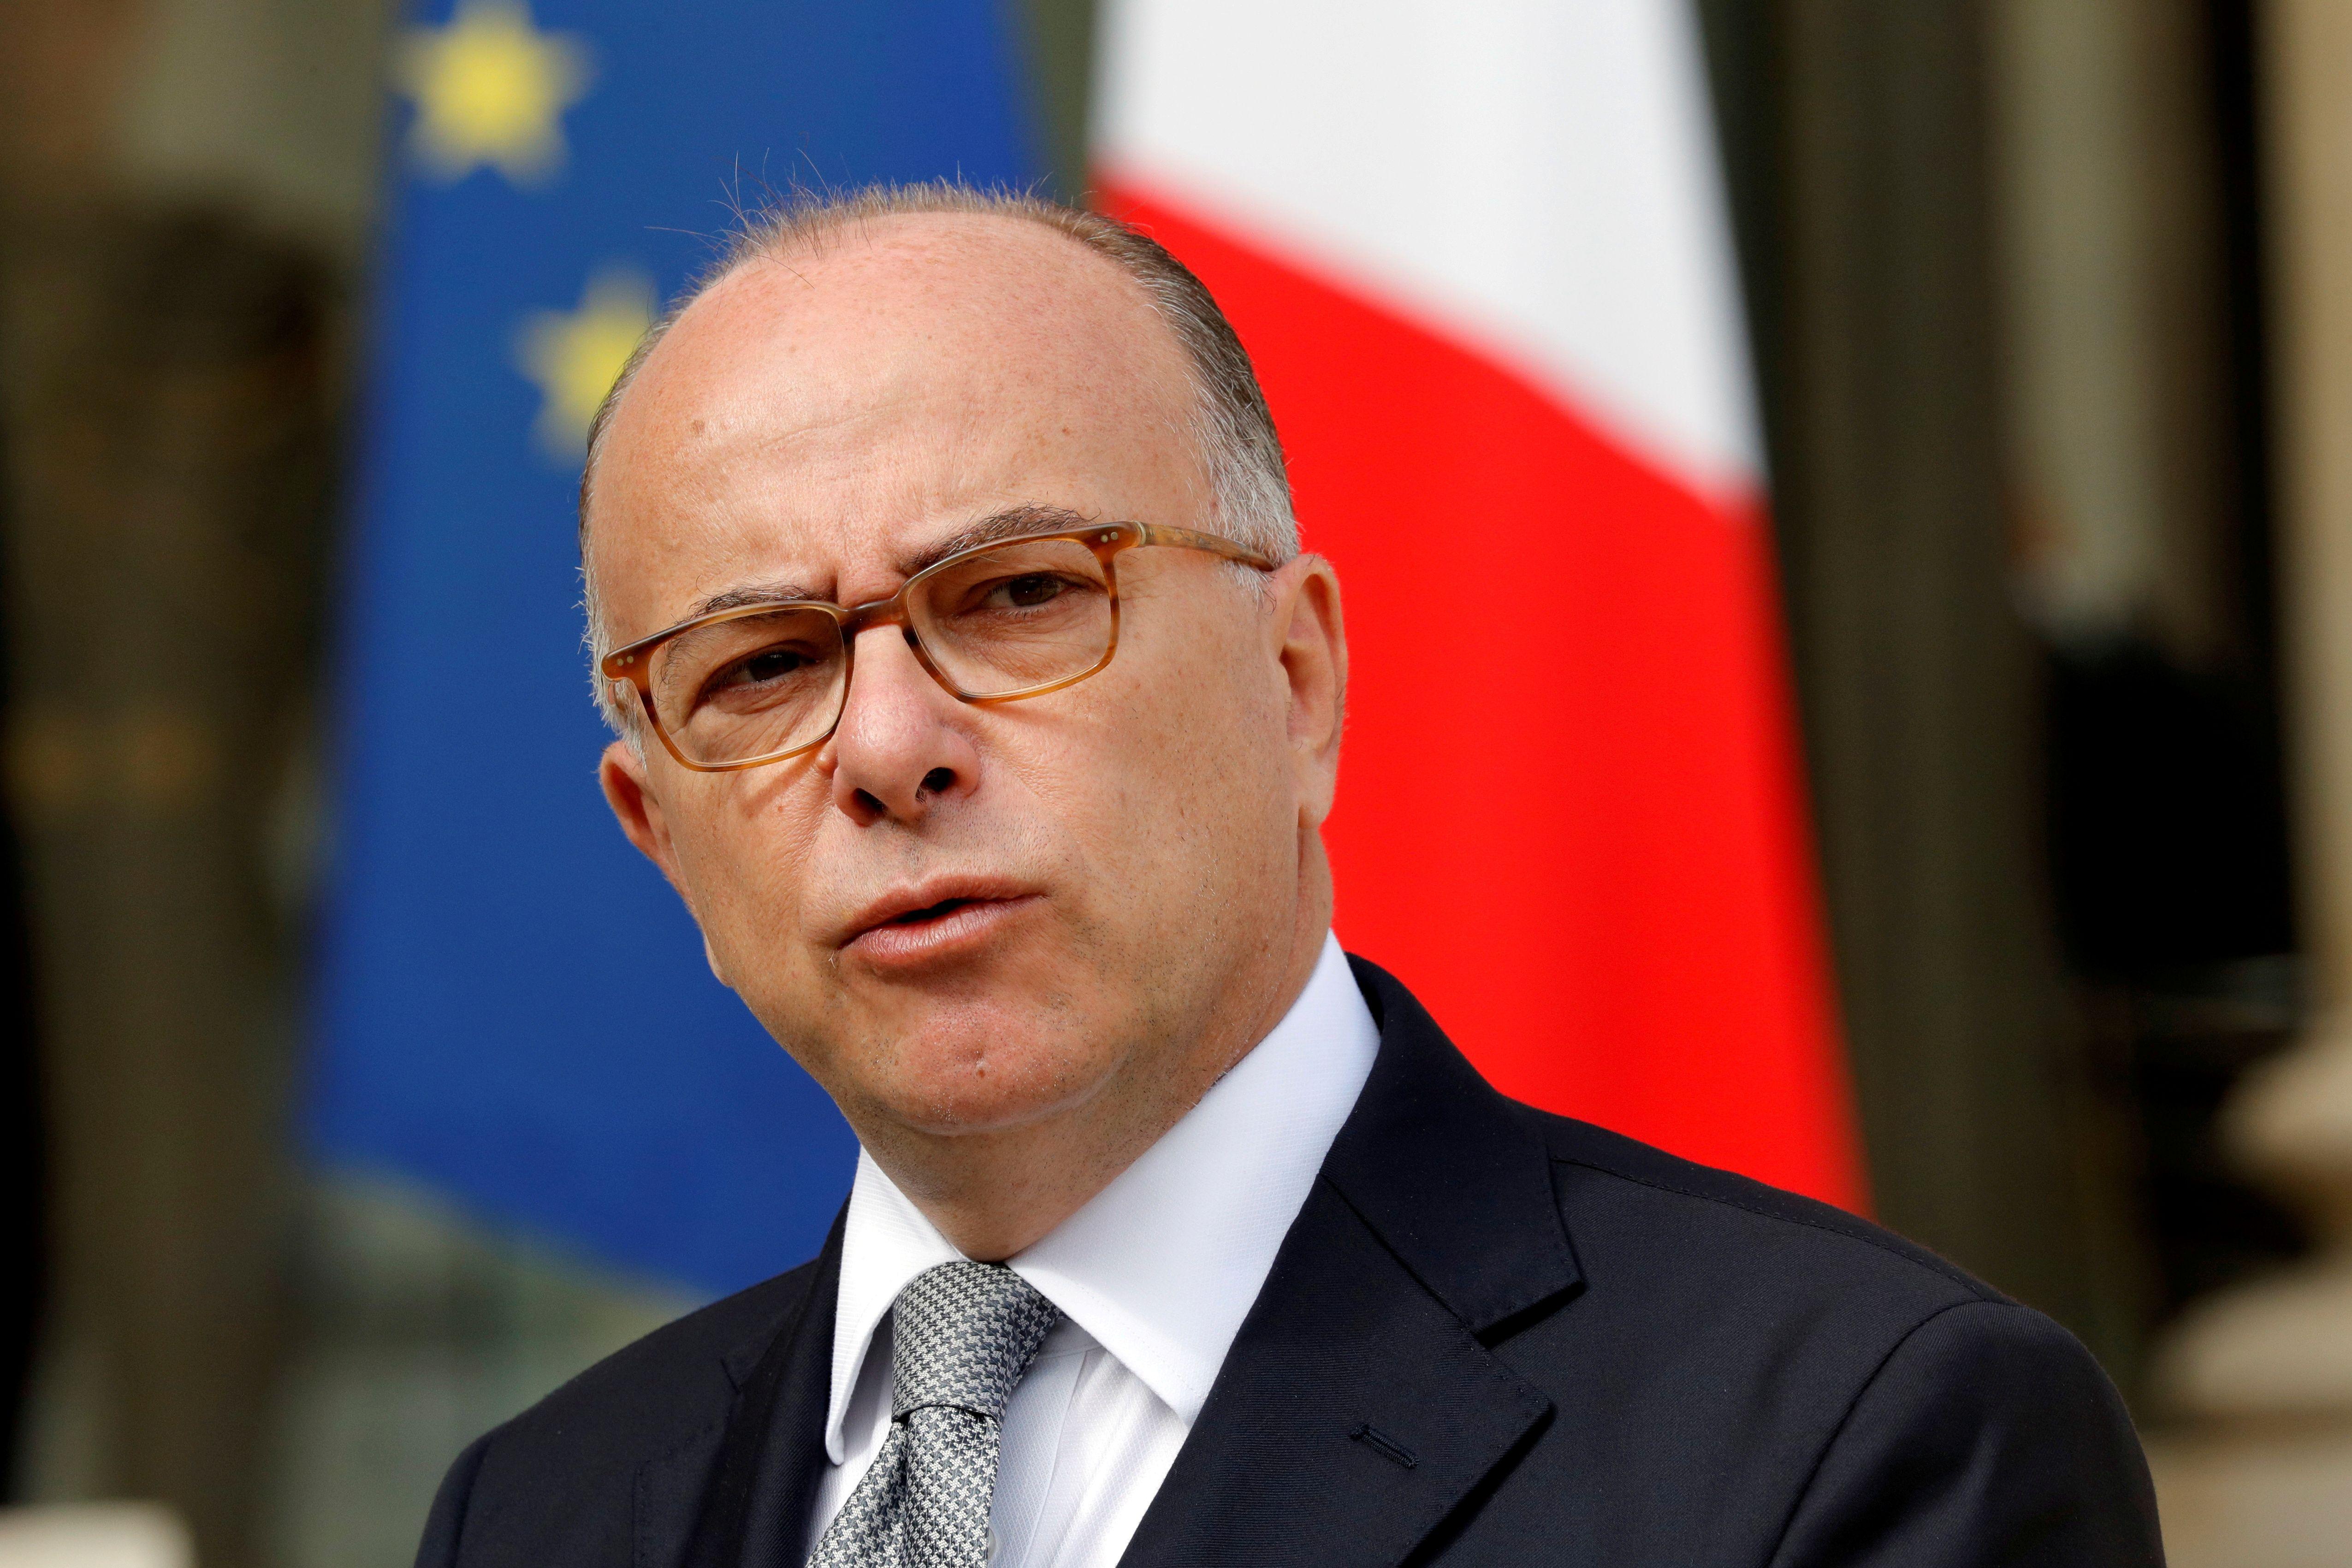 """Bernard Cazeneuve met en garde contre des dégâts """"immenses et irréparables"""" en cas d'élection de Marine Le Pen"""